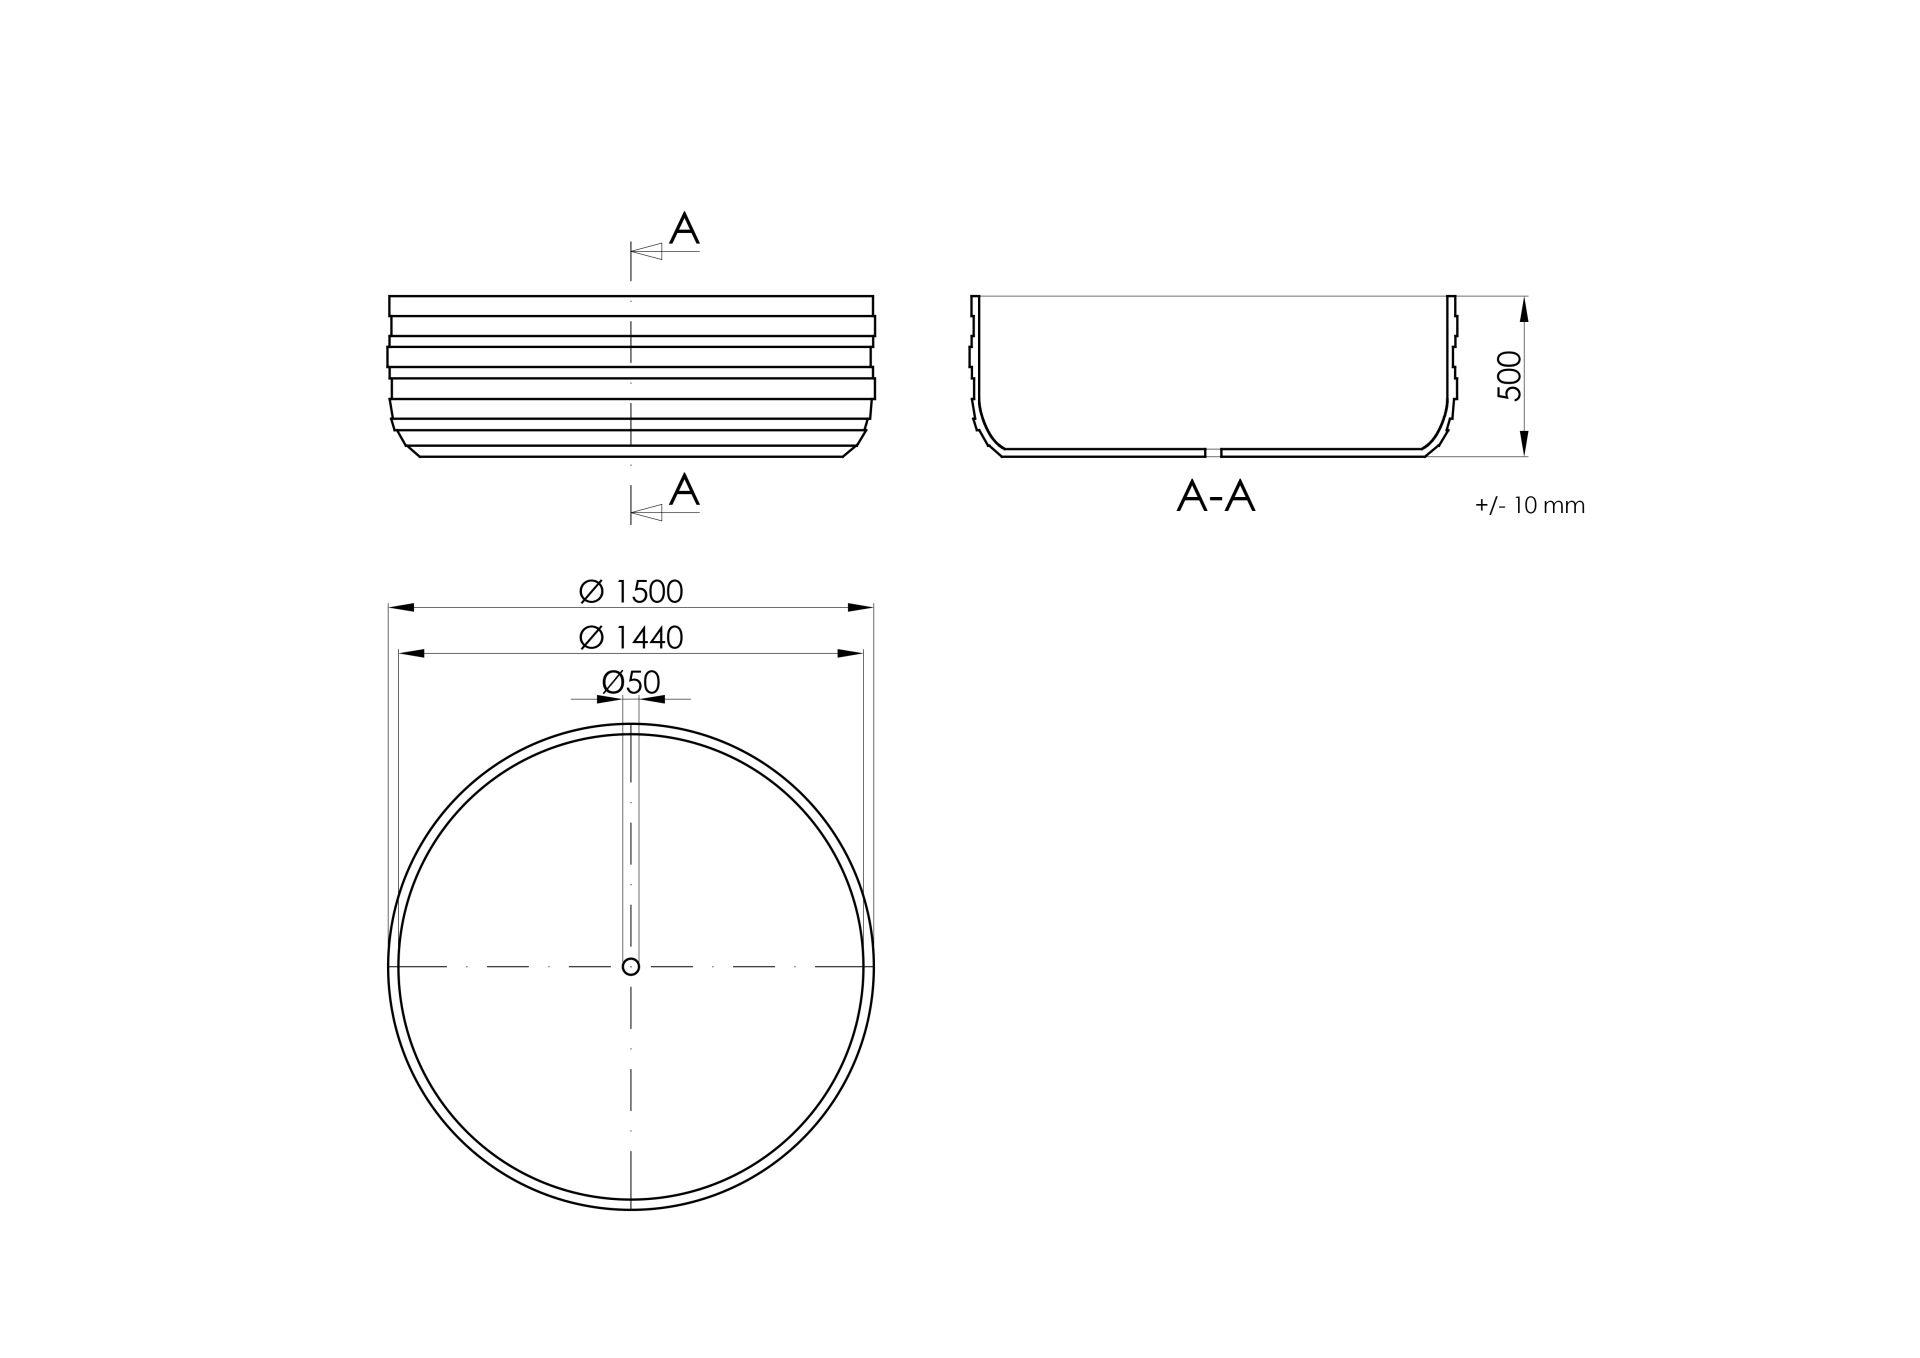 Grande - Technisches Zeichnen